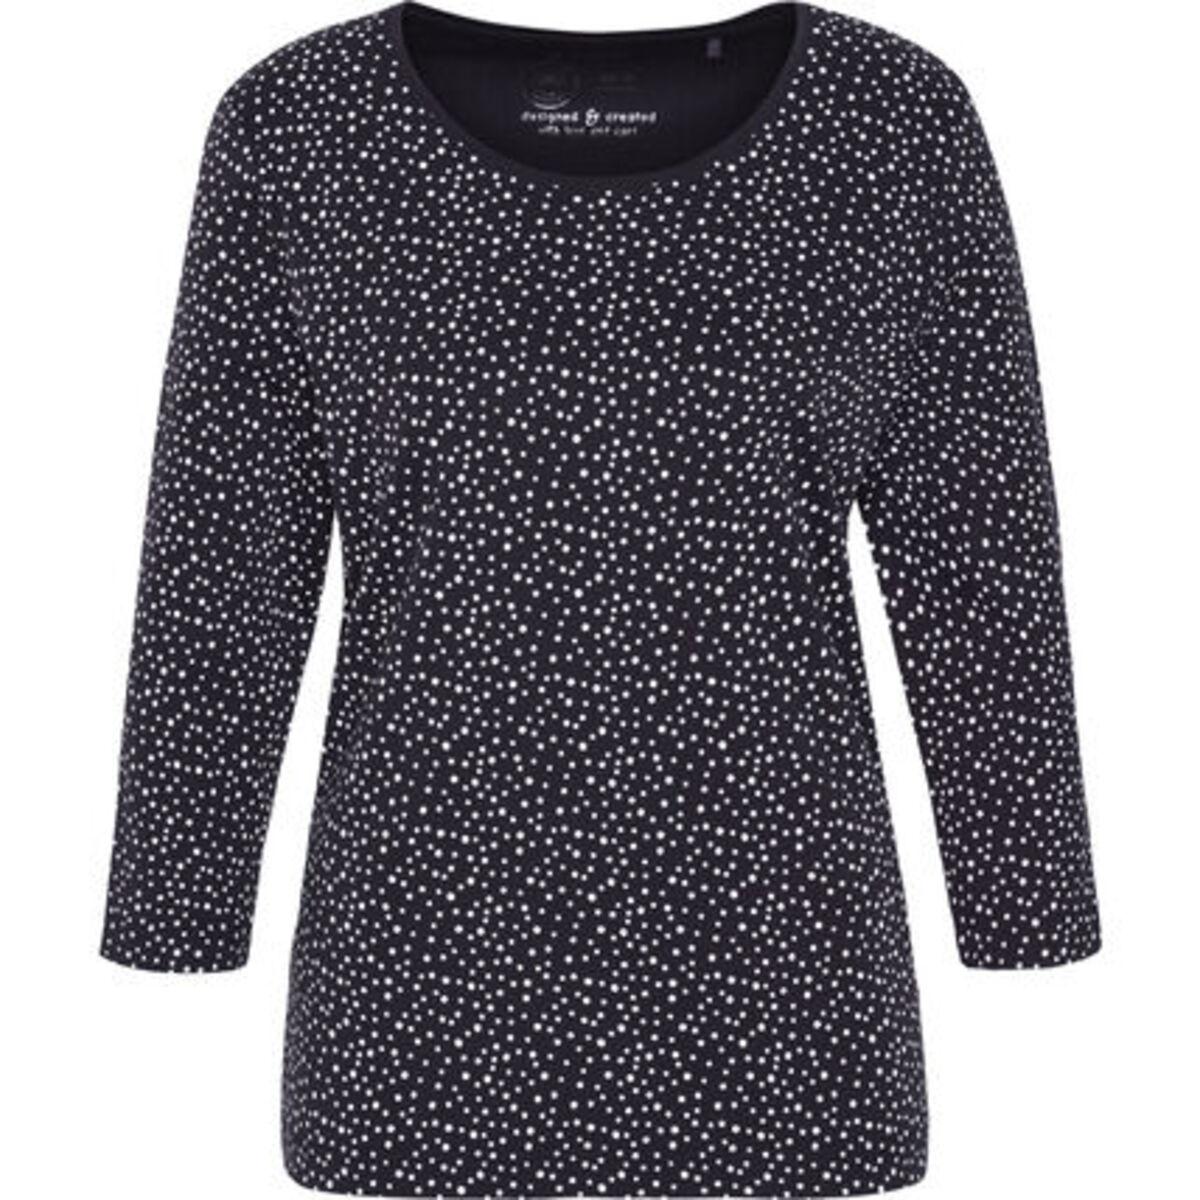 """Bild 1 von Adagio T-Shirt """"Svenja"""", 3/4 Ärmel, Punkte, Pima Cotton, für Damen"""